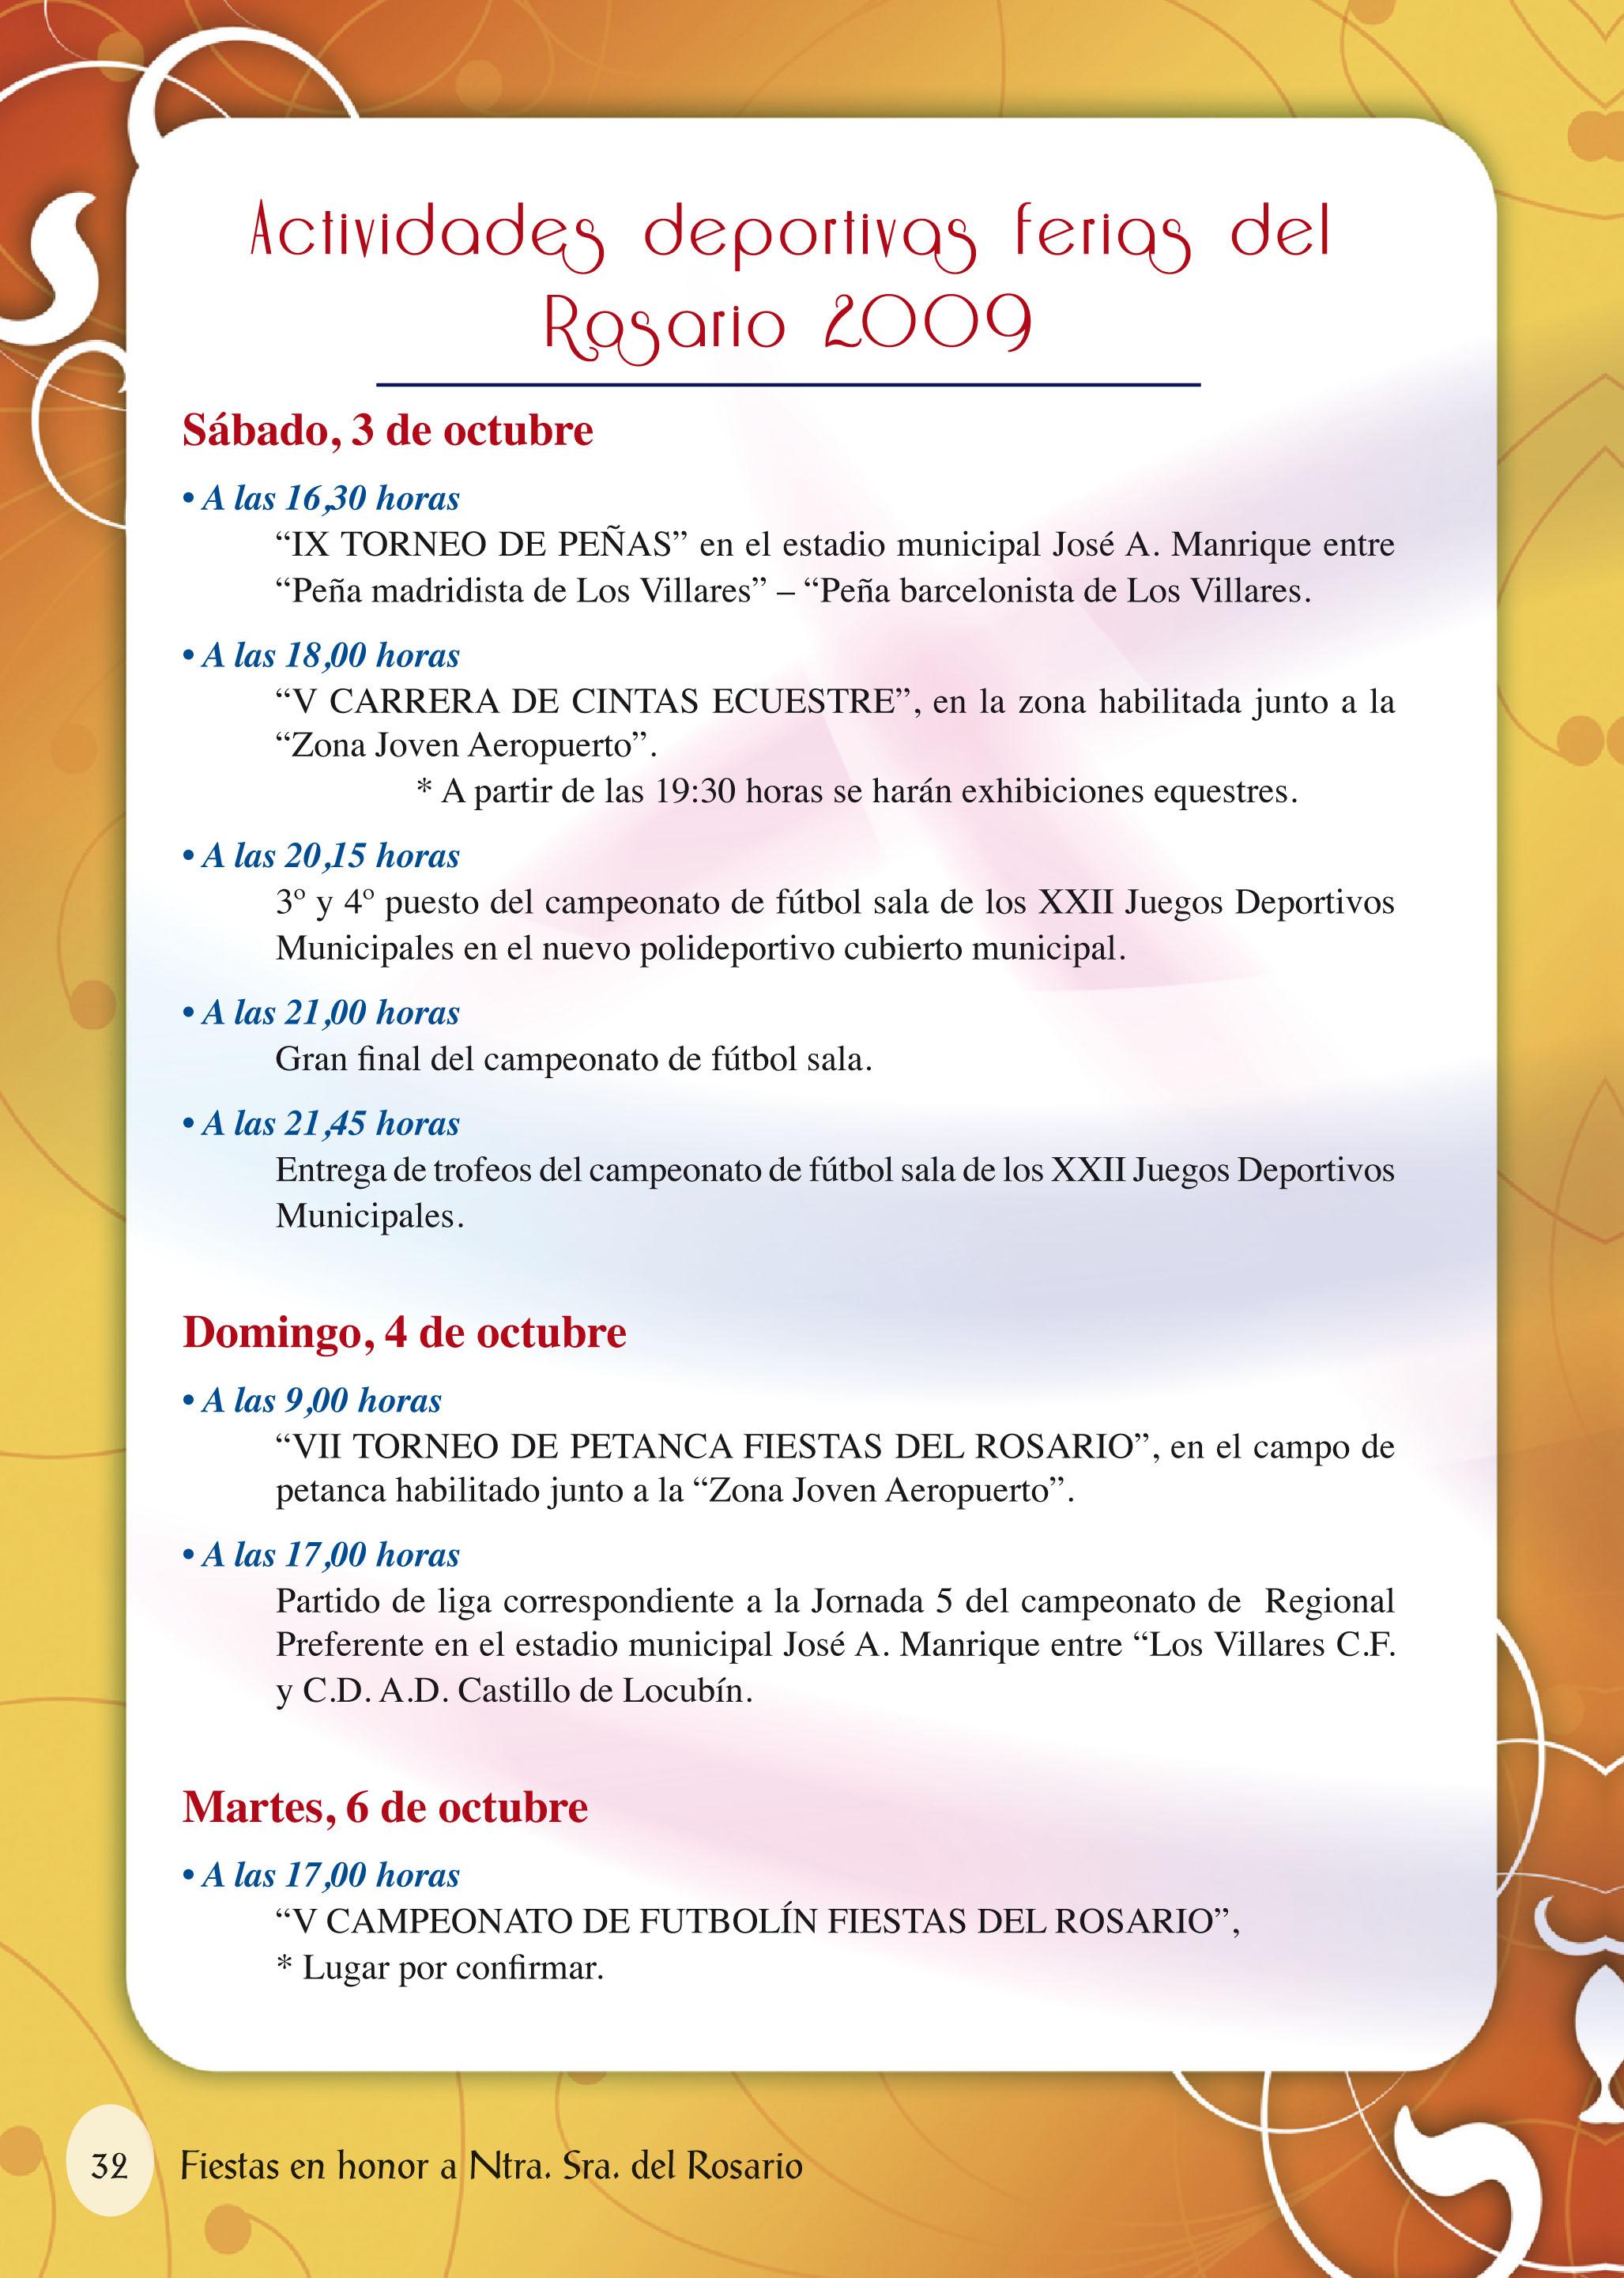 00 rosario los villares 09.indd